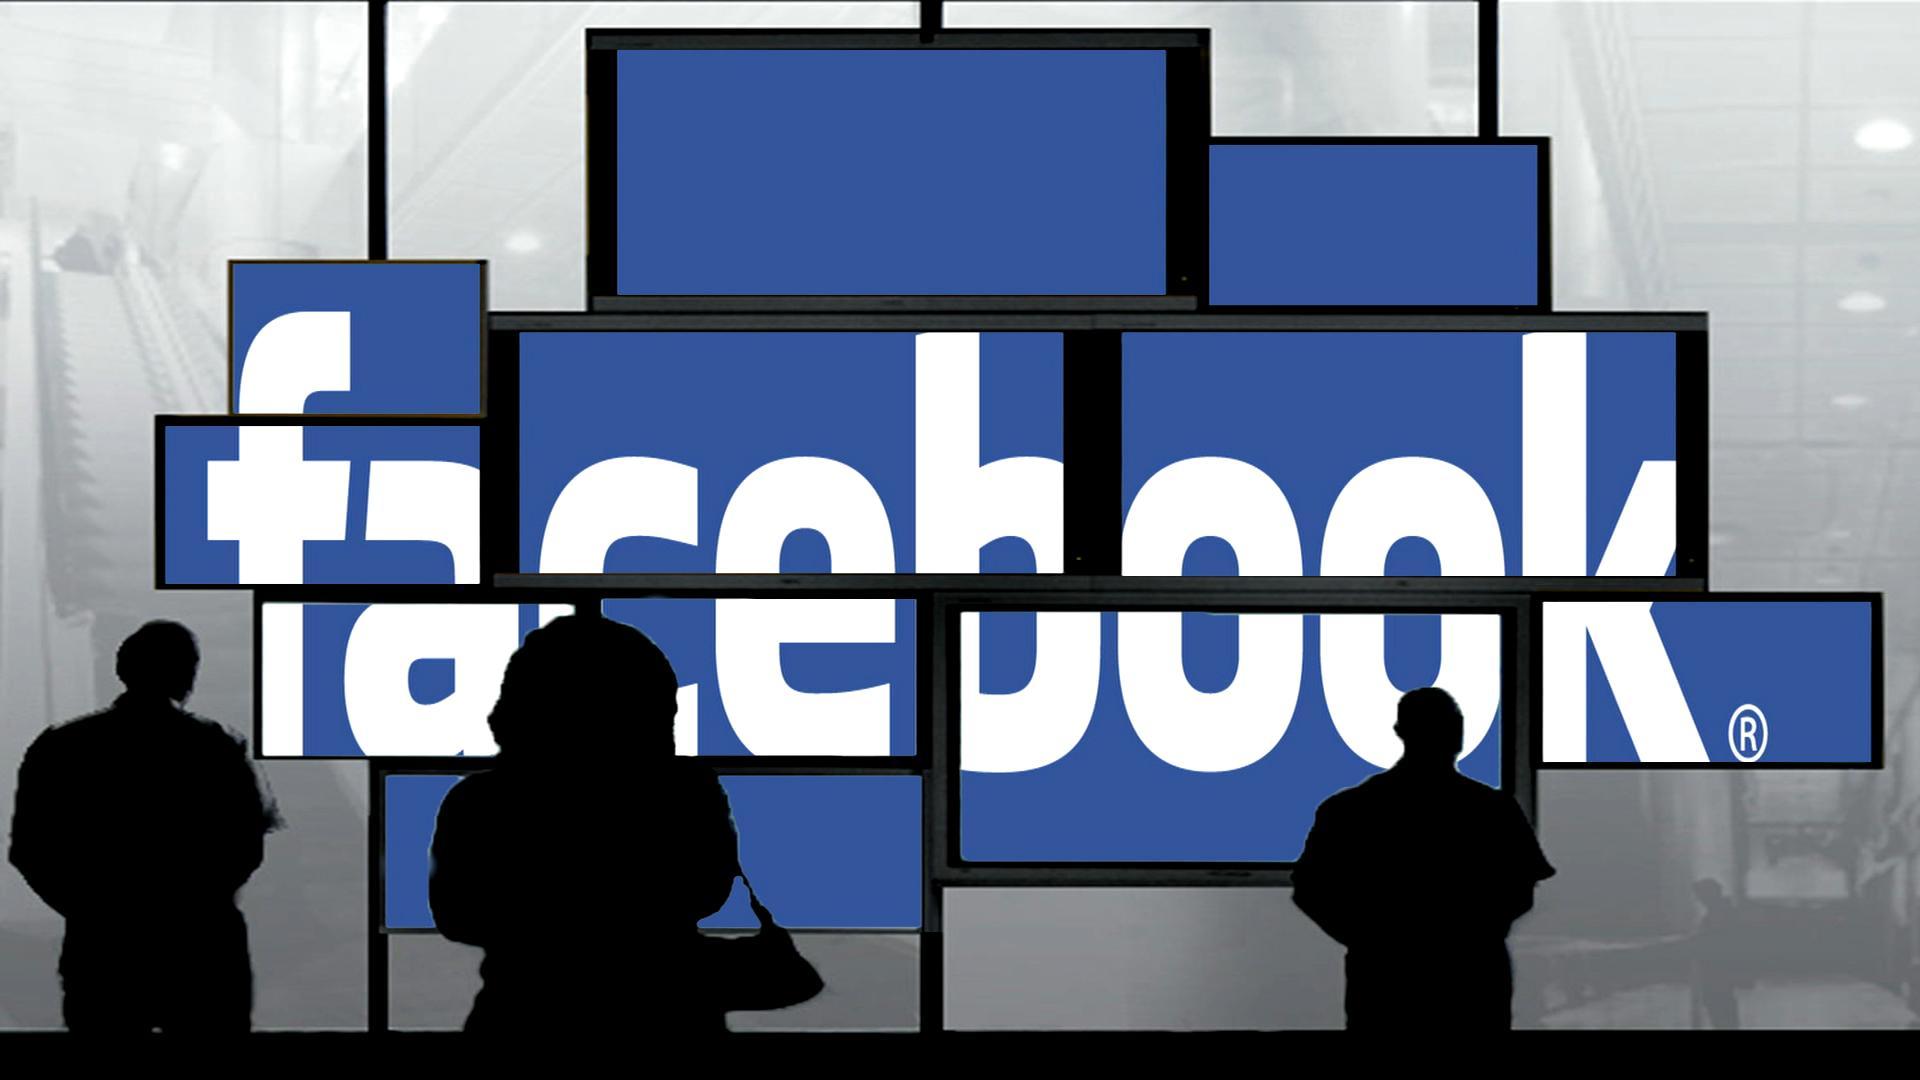 فیسبوک پشت کاربرانش را خالی کرد